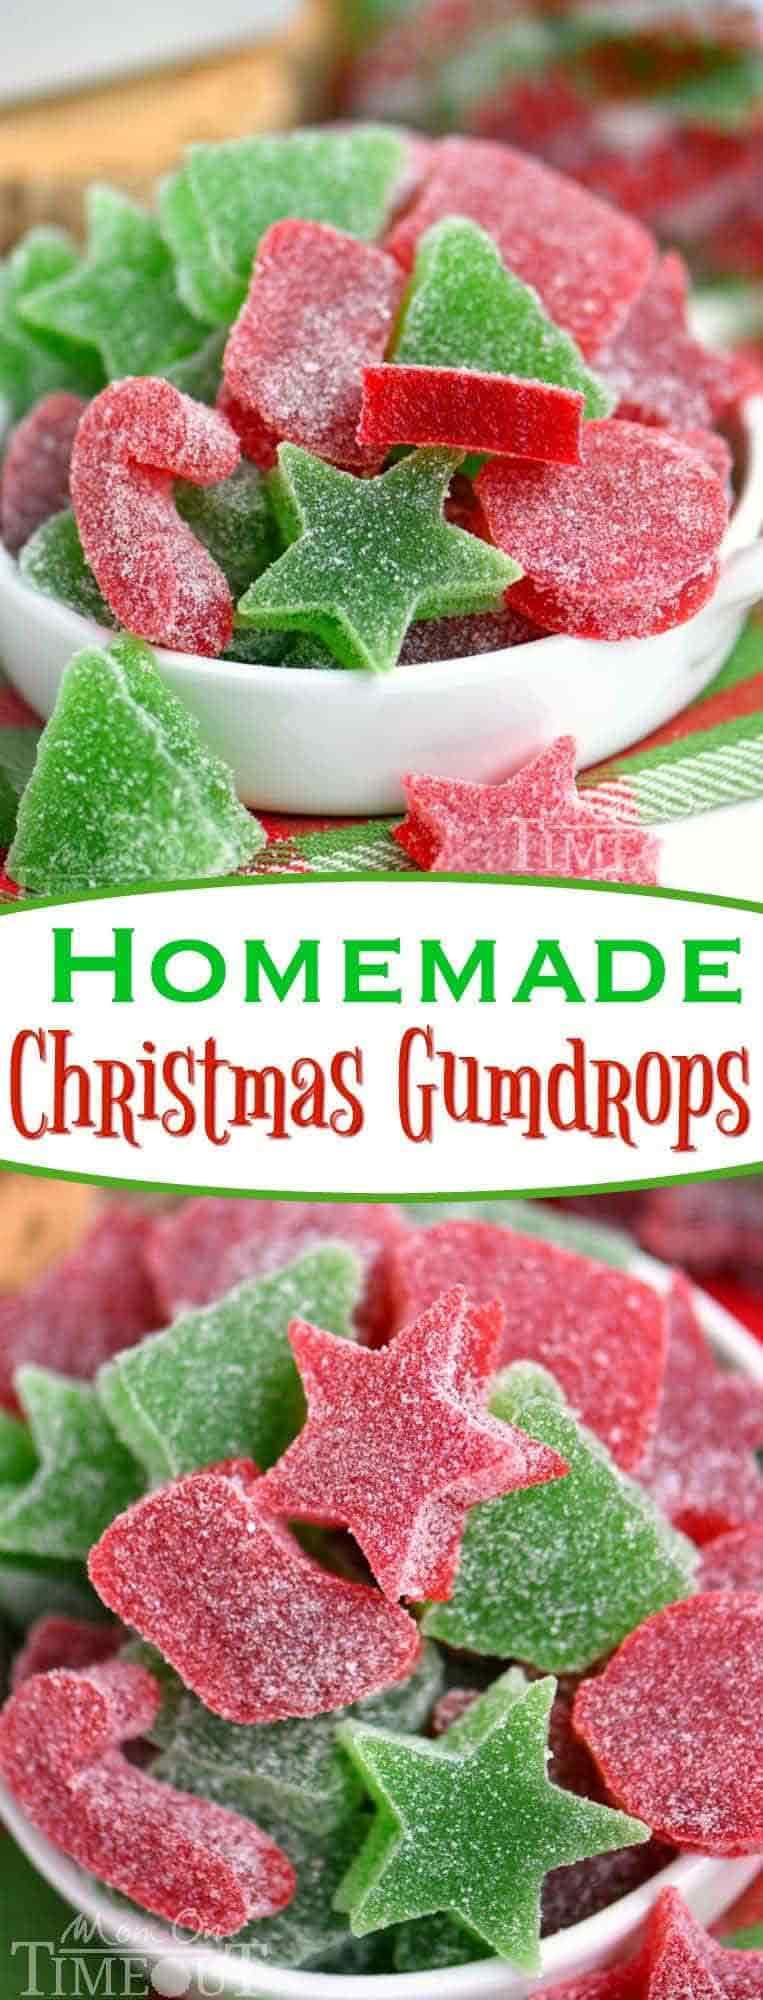 Christmas candy recipes - homemade Christmas gumdrops